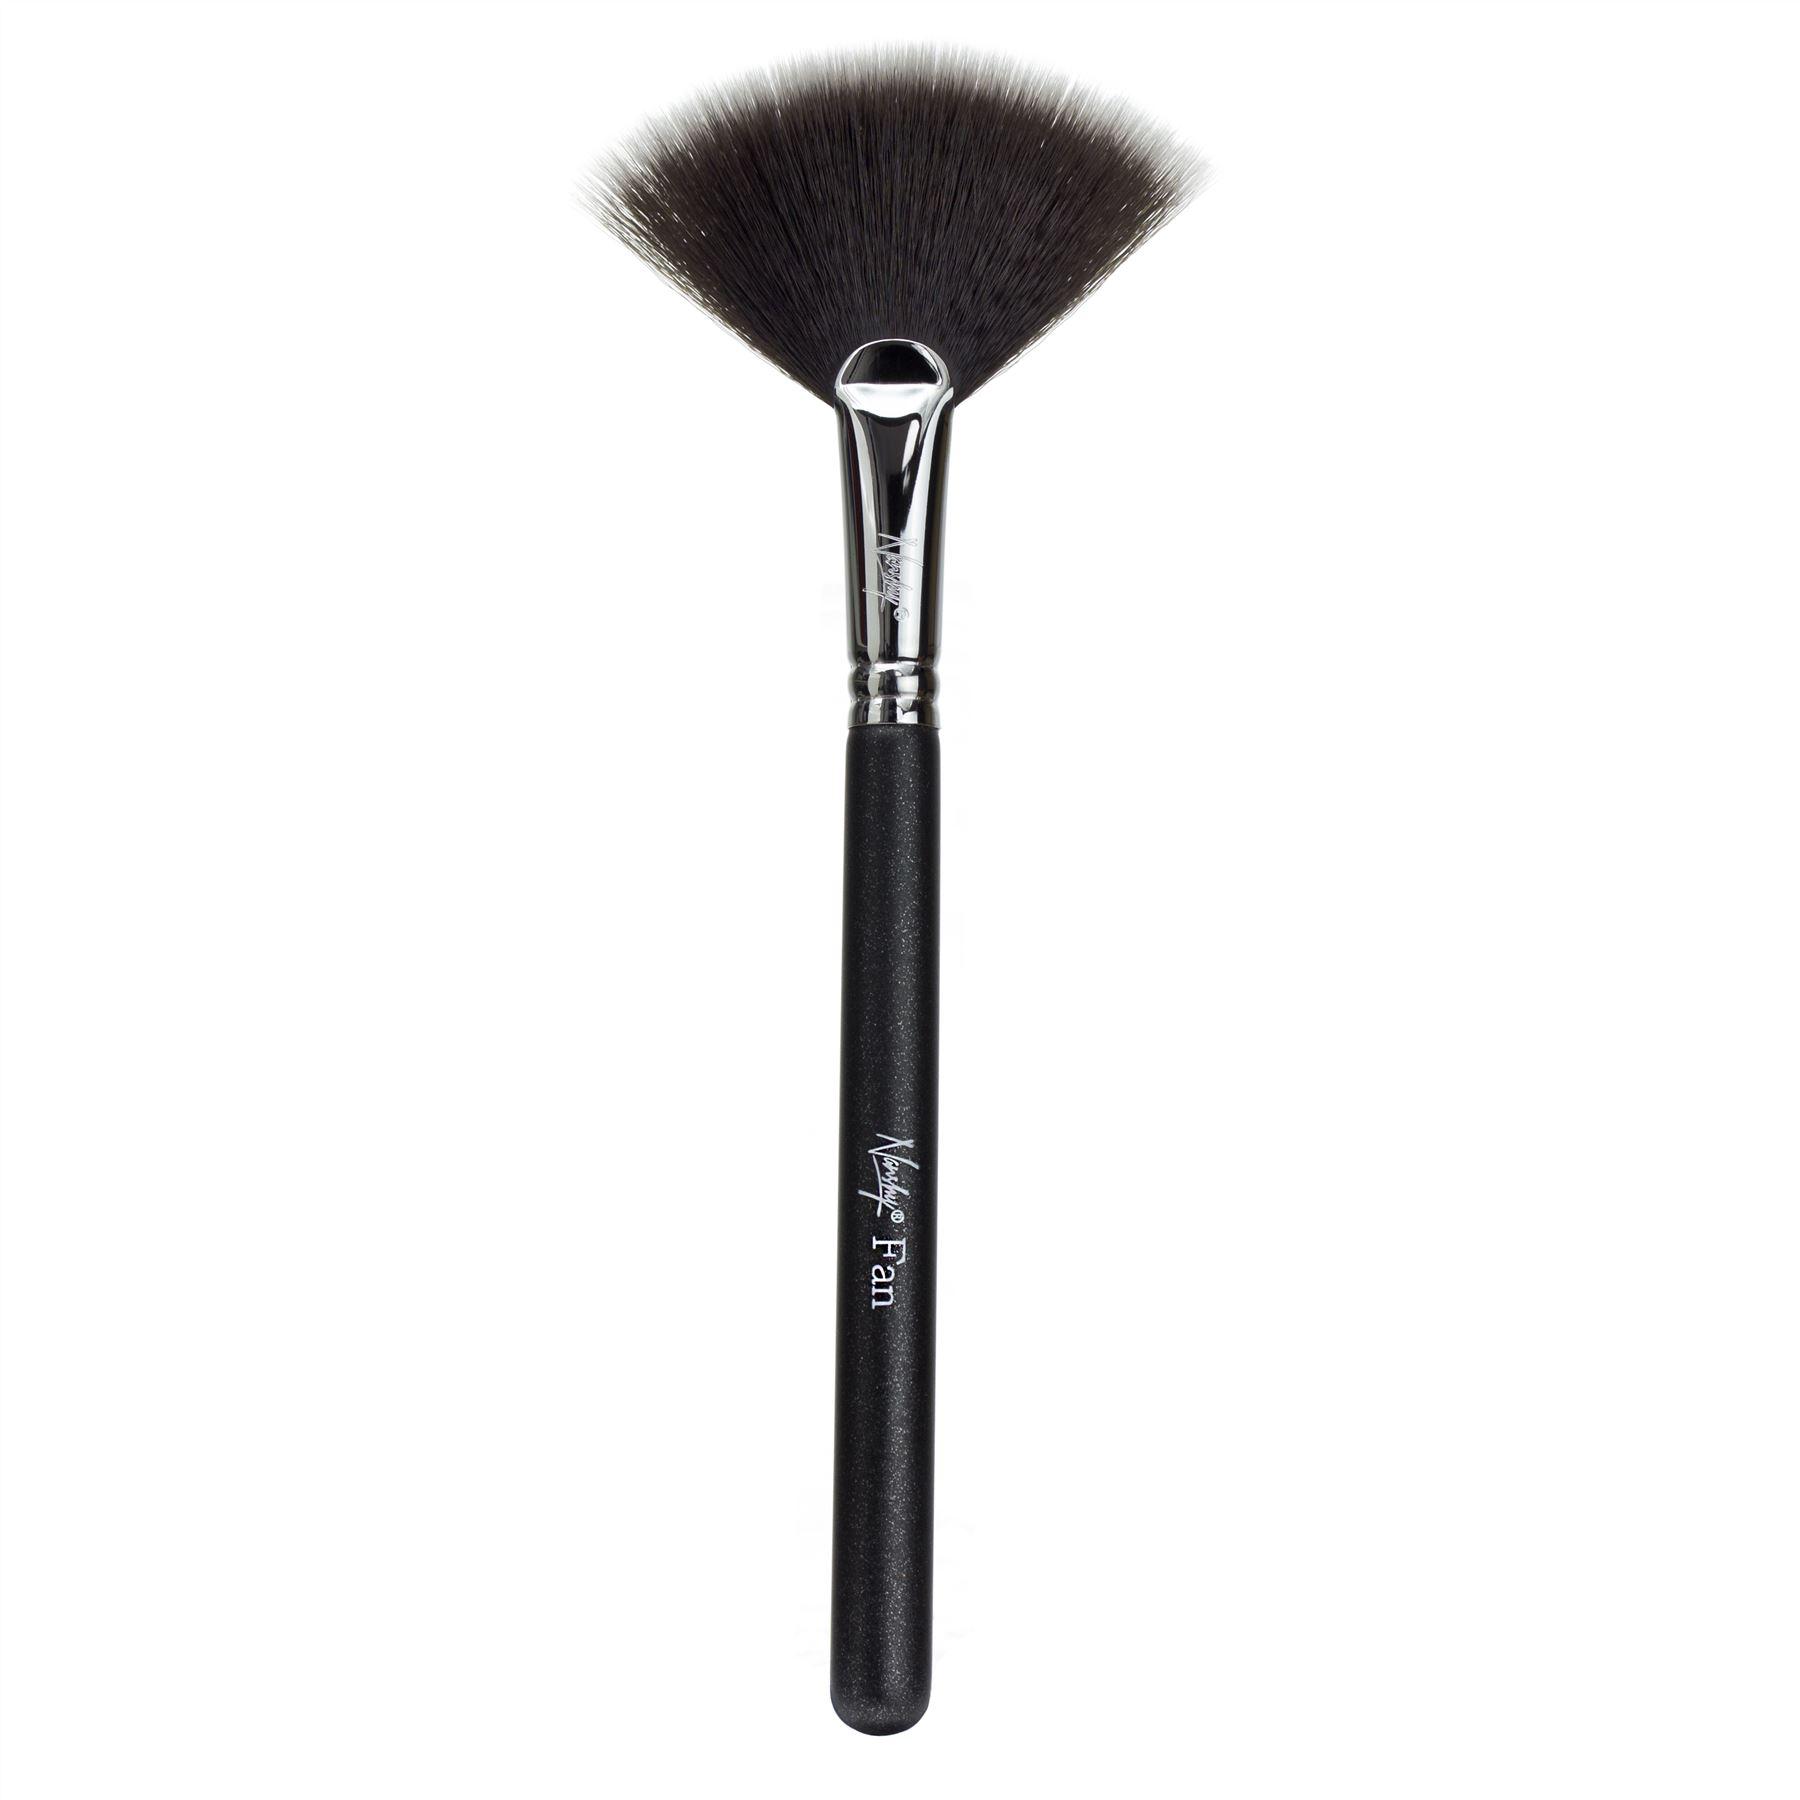 Nanshy Fan Makeup Brushes Soft Synthetic Taklon Bristles